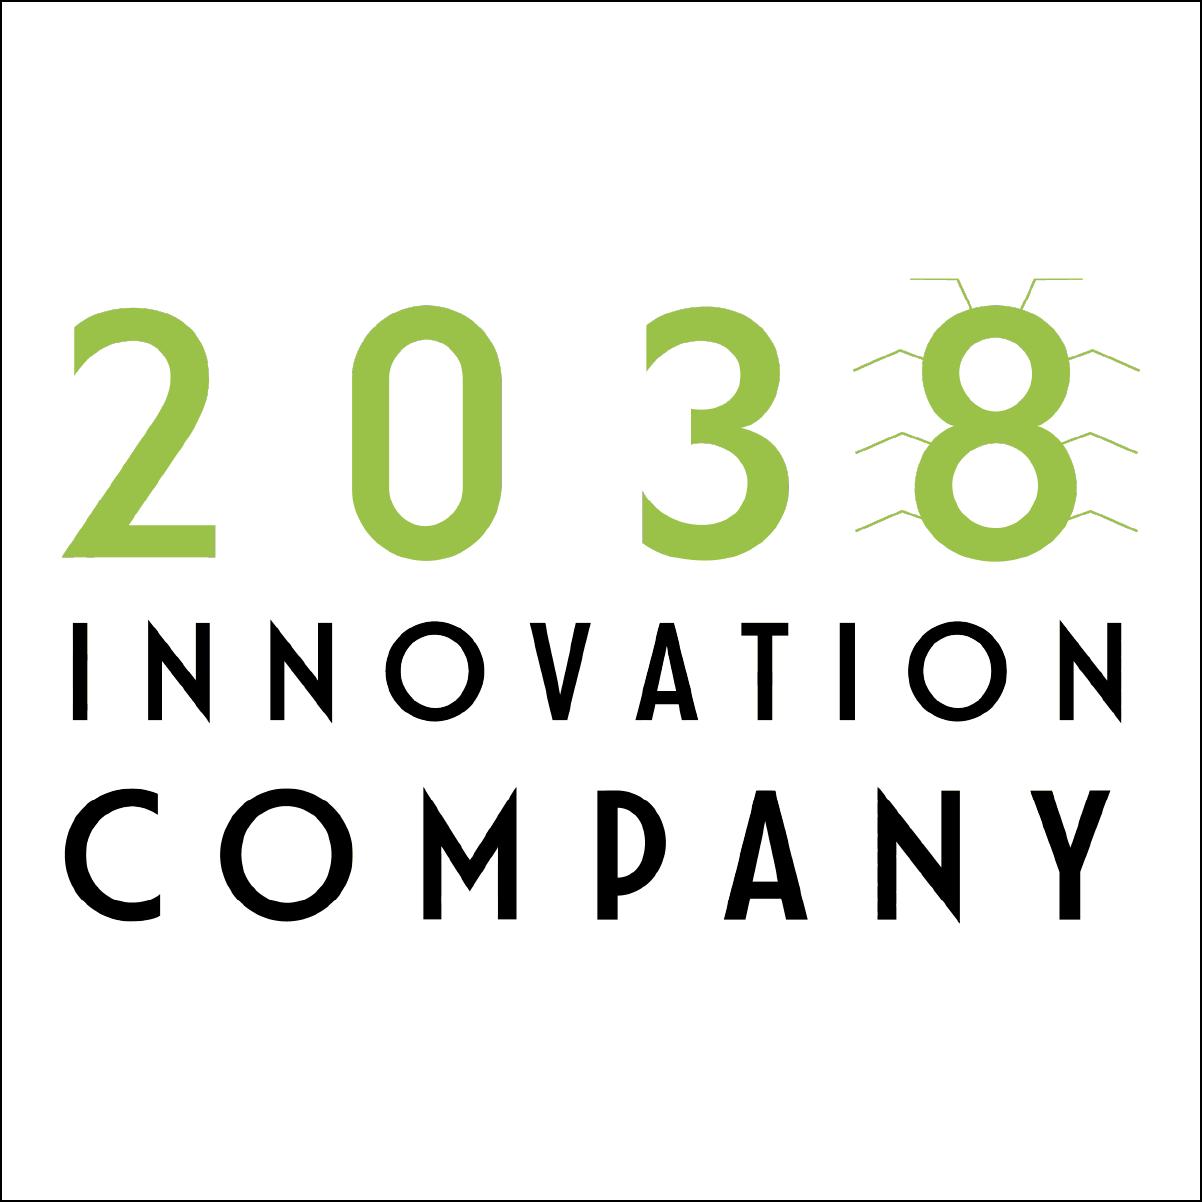 2038 INNOVATION COMPANY